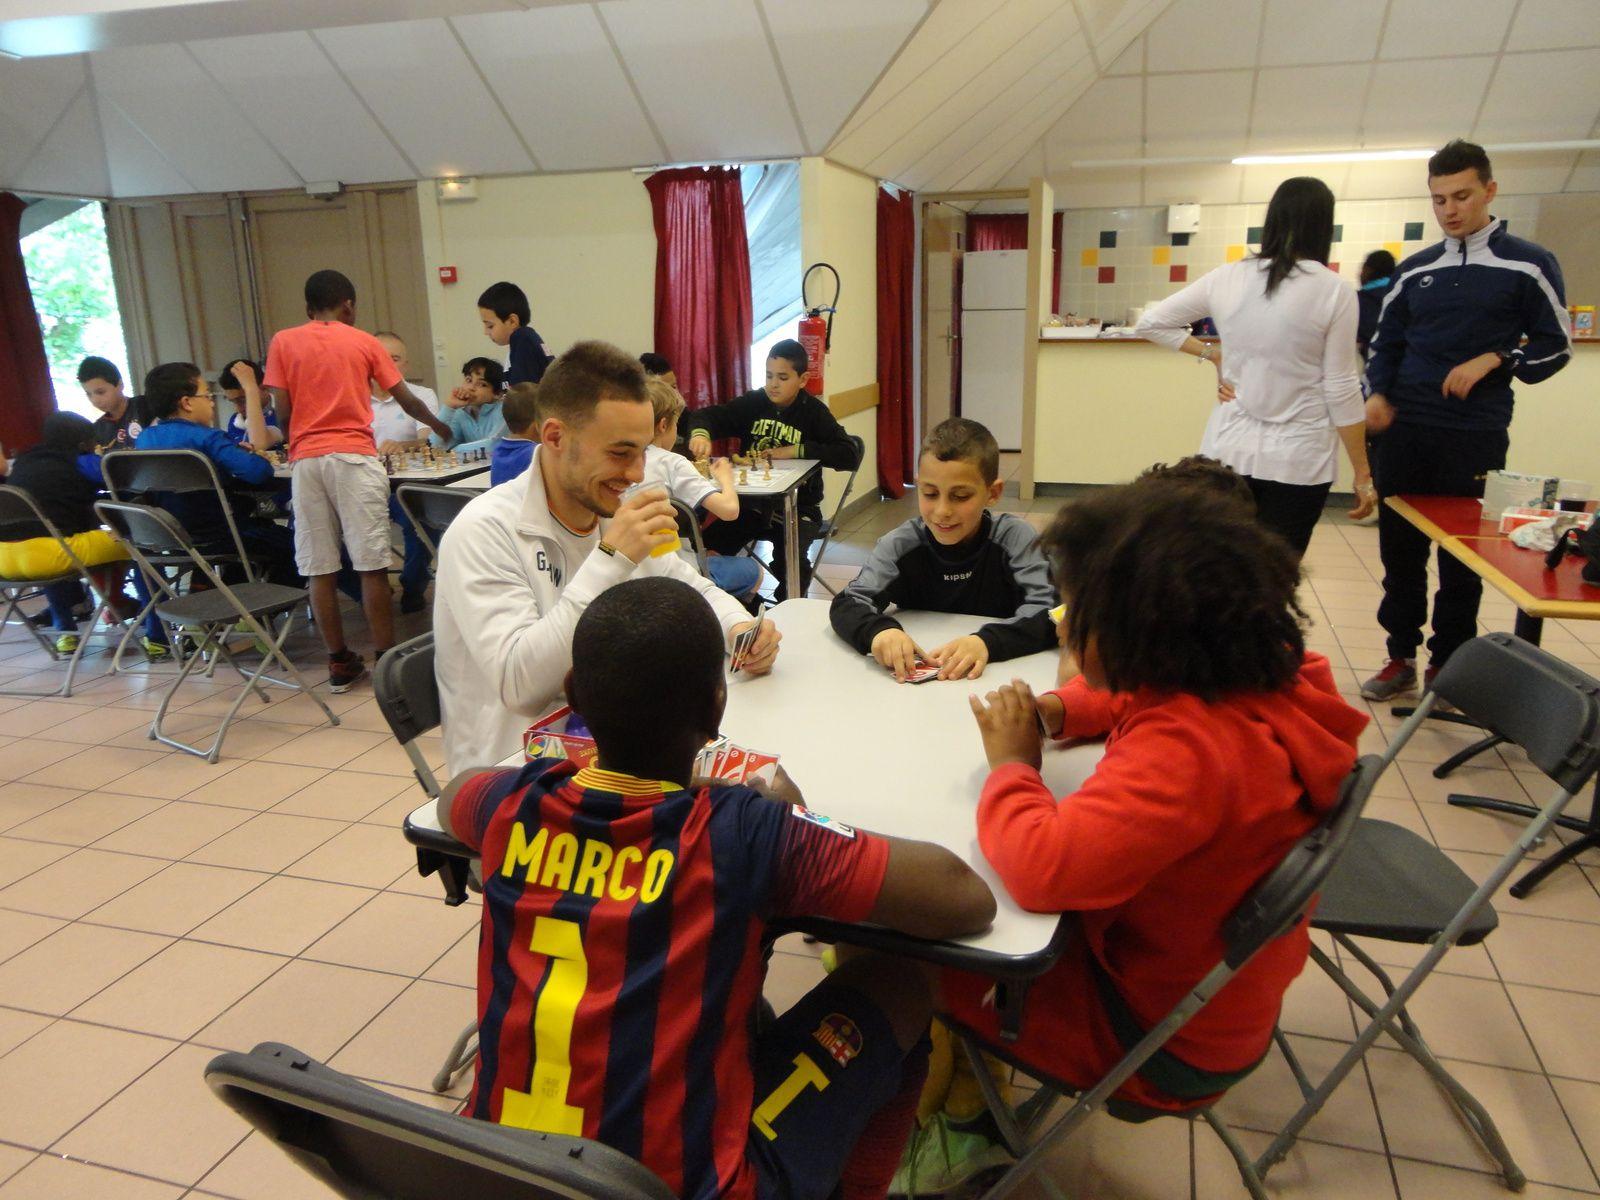 Les plus jeunes ont commencé à apprendre les régles du jeu d'échec avec beaucoup de concentration